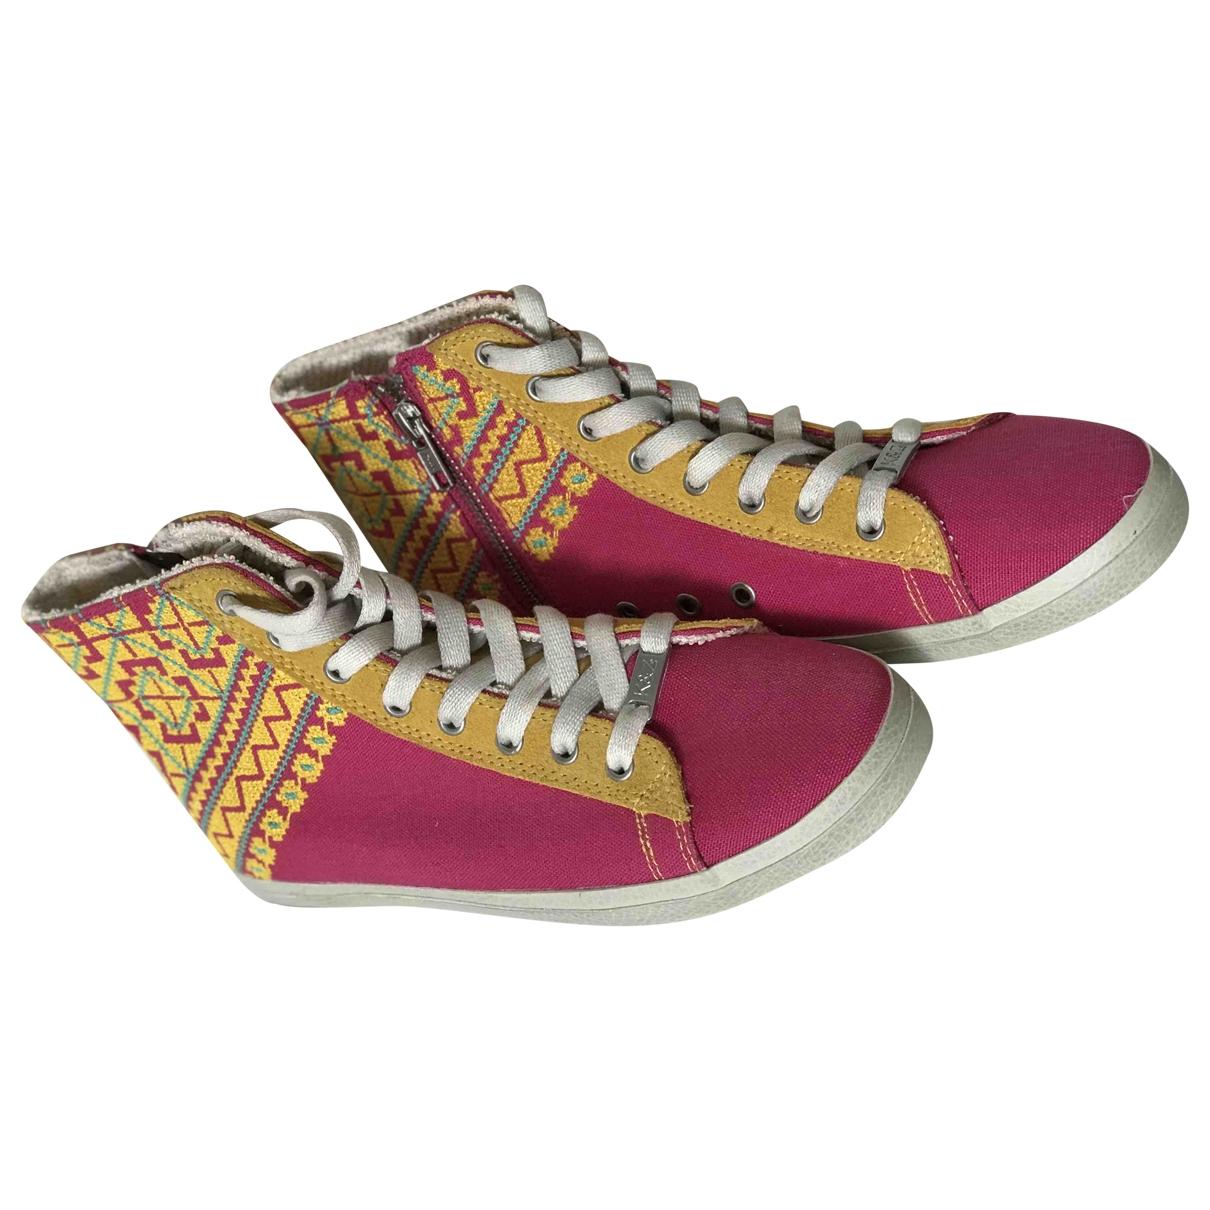 Kim & Zozi \N Sneakers in Leder